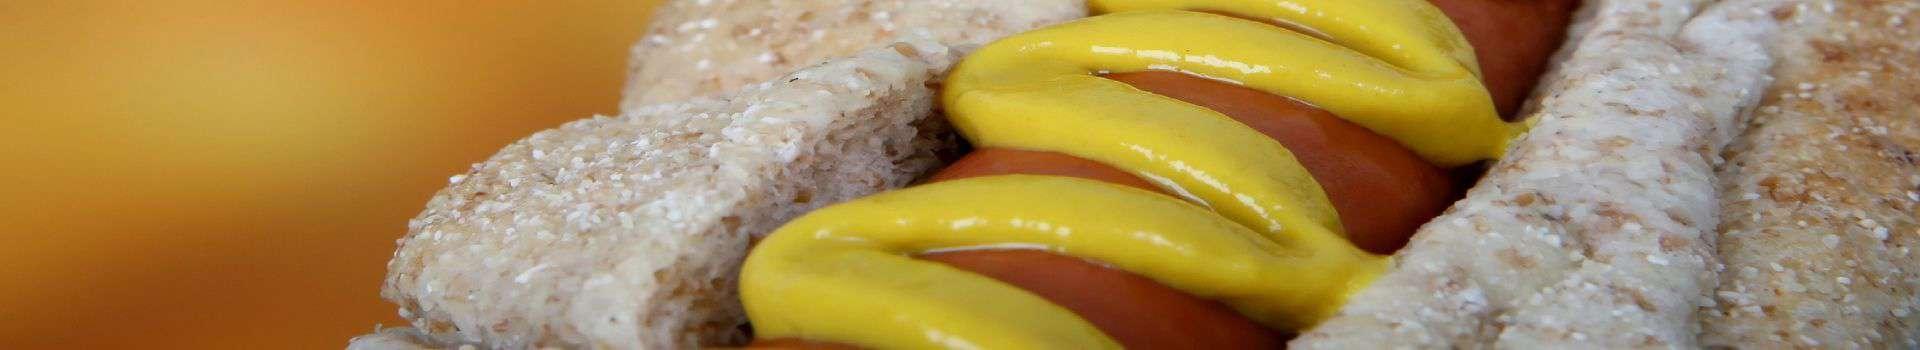 Βρώμικο σαντουιτς Delivery 24 ώρες από το La Place